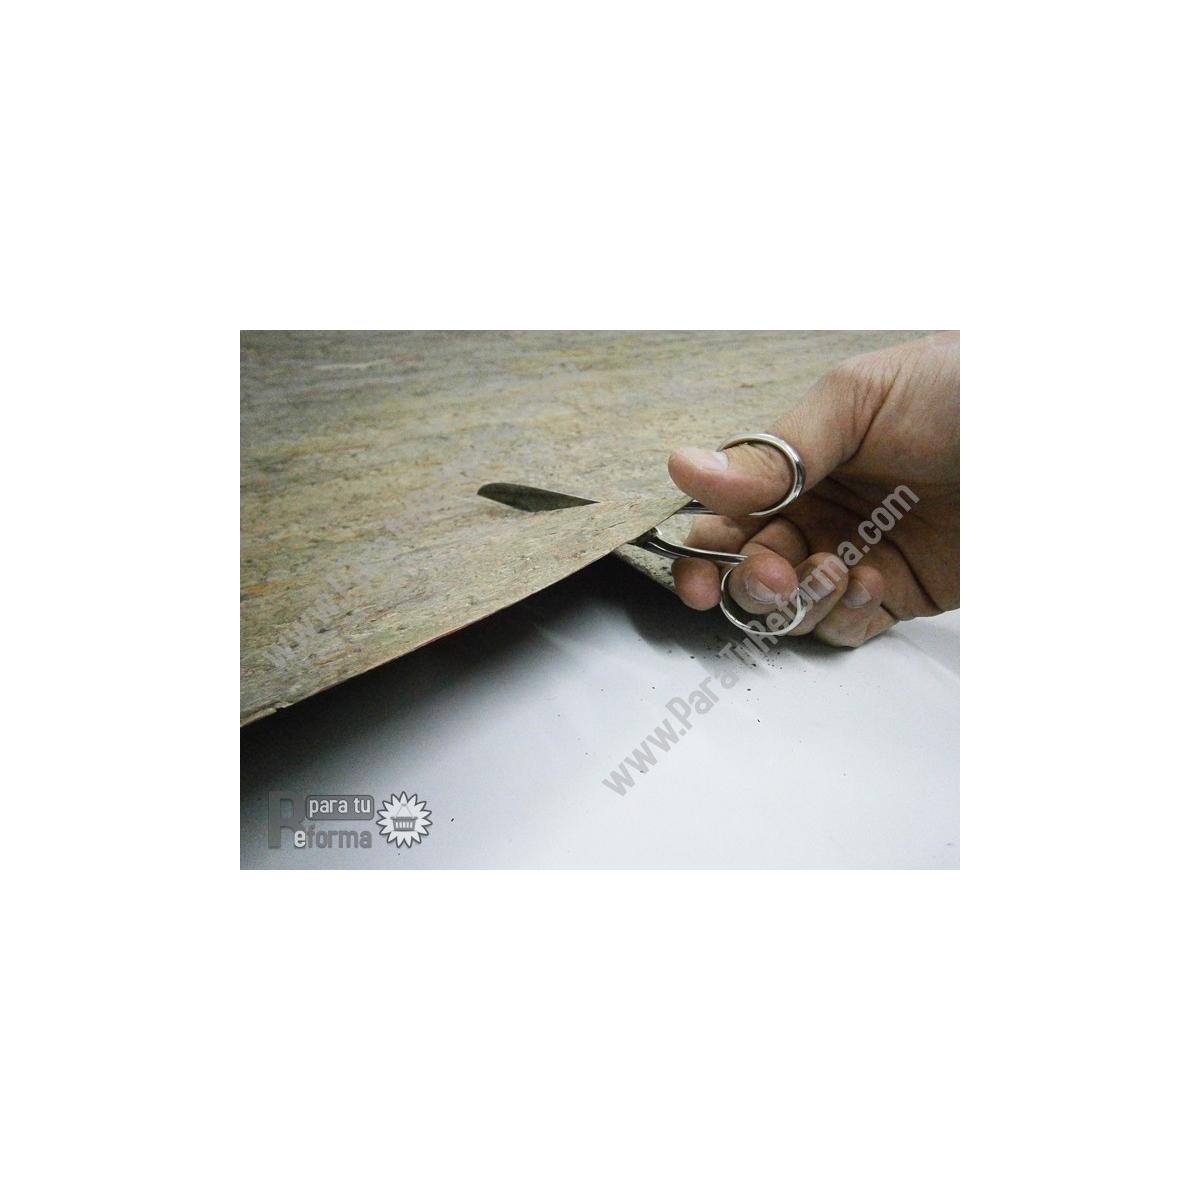 Pizarra natural flexible FS6011 / FT3011 (ud) Revestimiento con Pizarra natural flexible 0